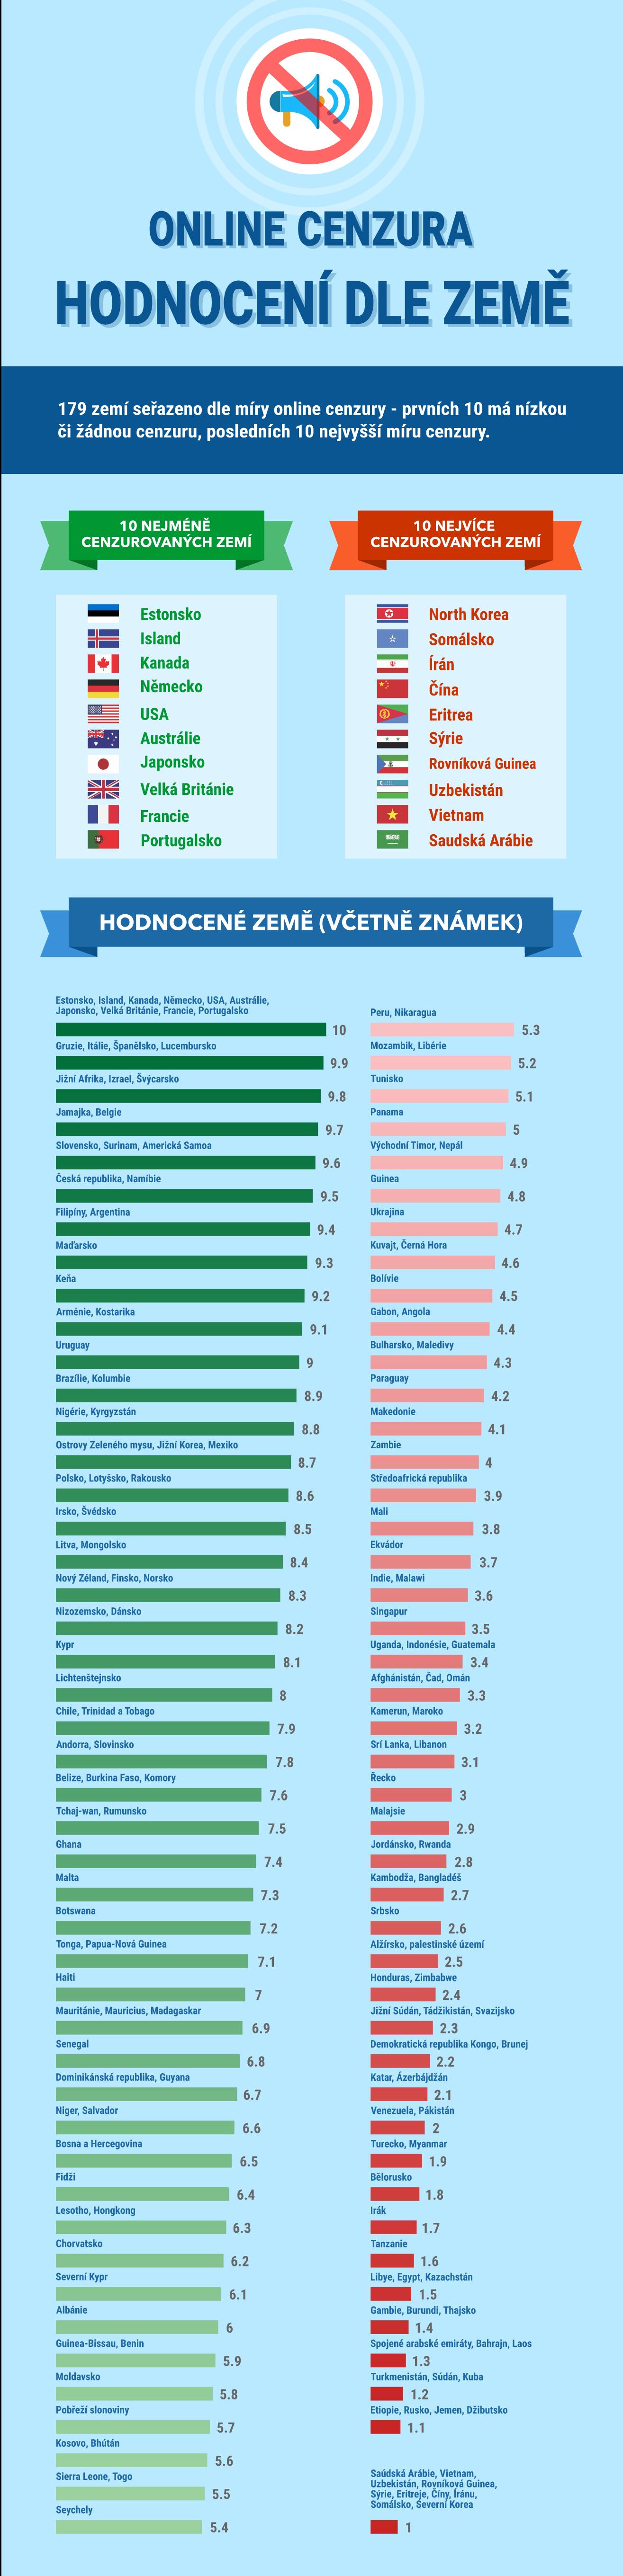 Online cenzura - ranking